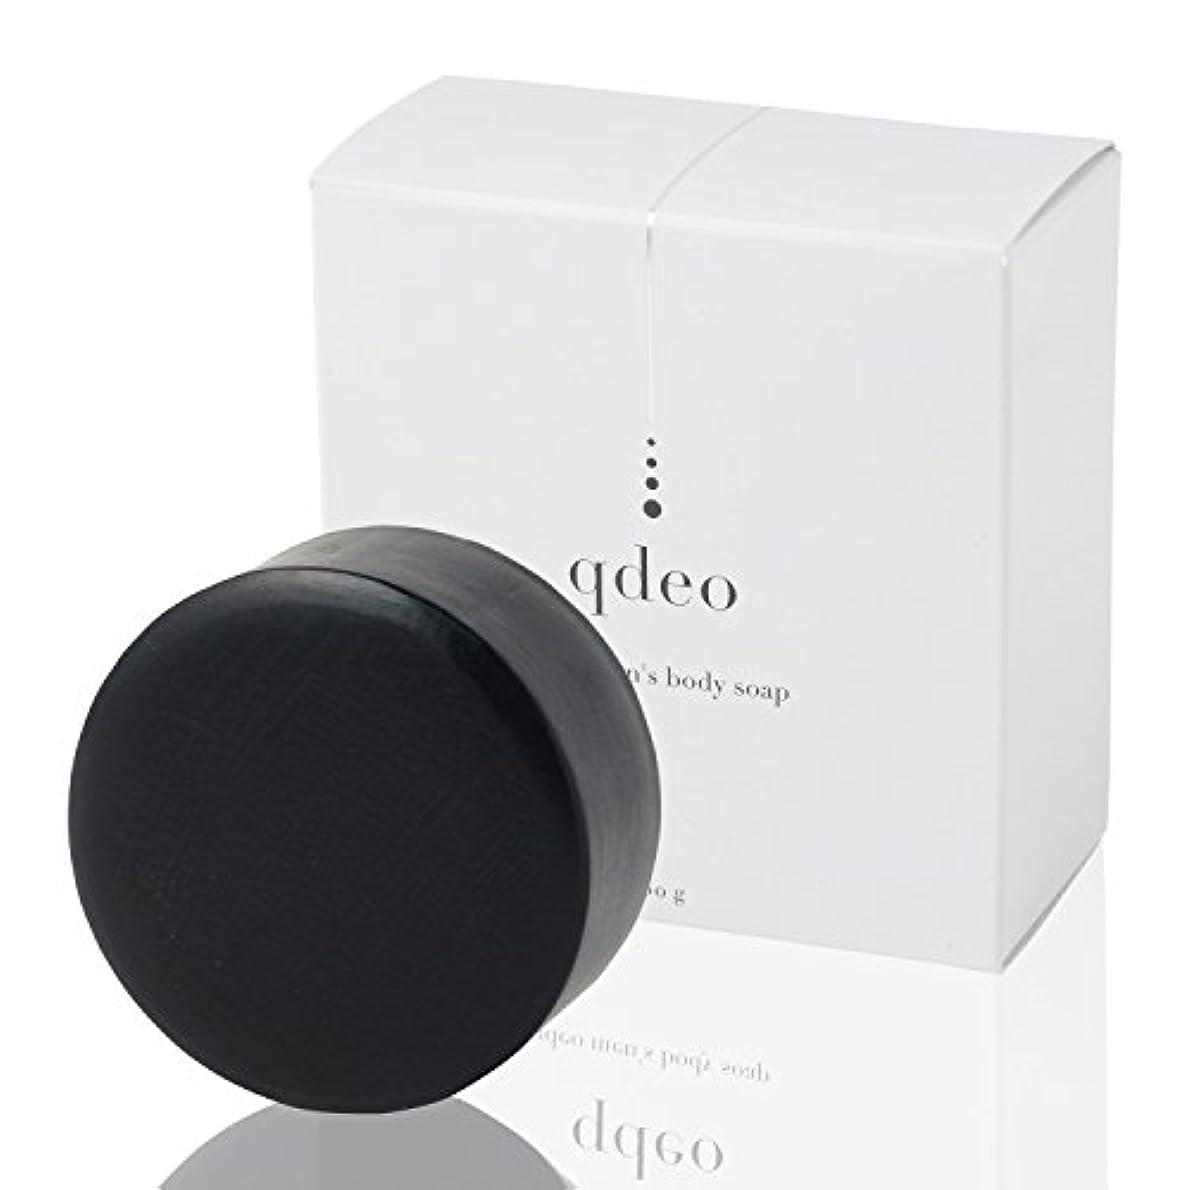 クデオ メンズ ボディソープ 100g 石鹸 固形 体臭 ワキガ 足の臭い 加齢臭 デリケートゾーン